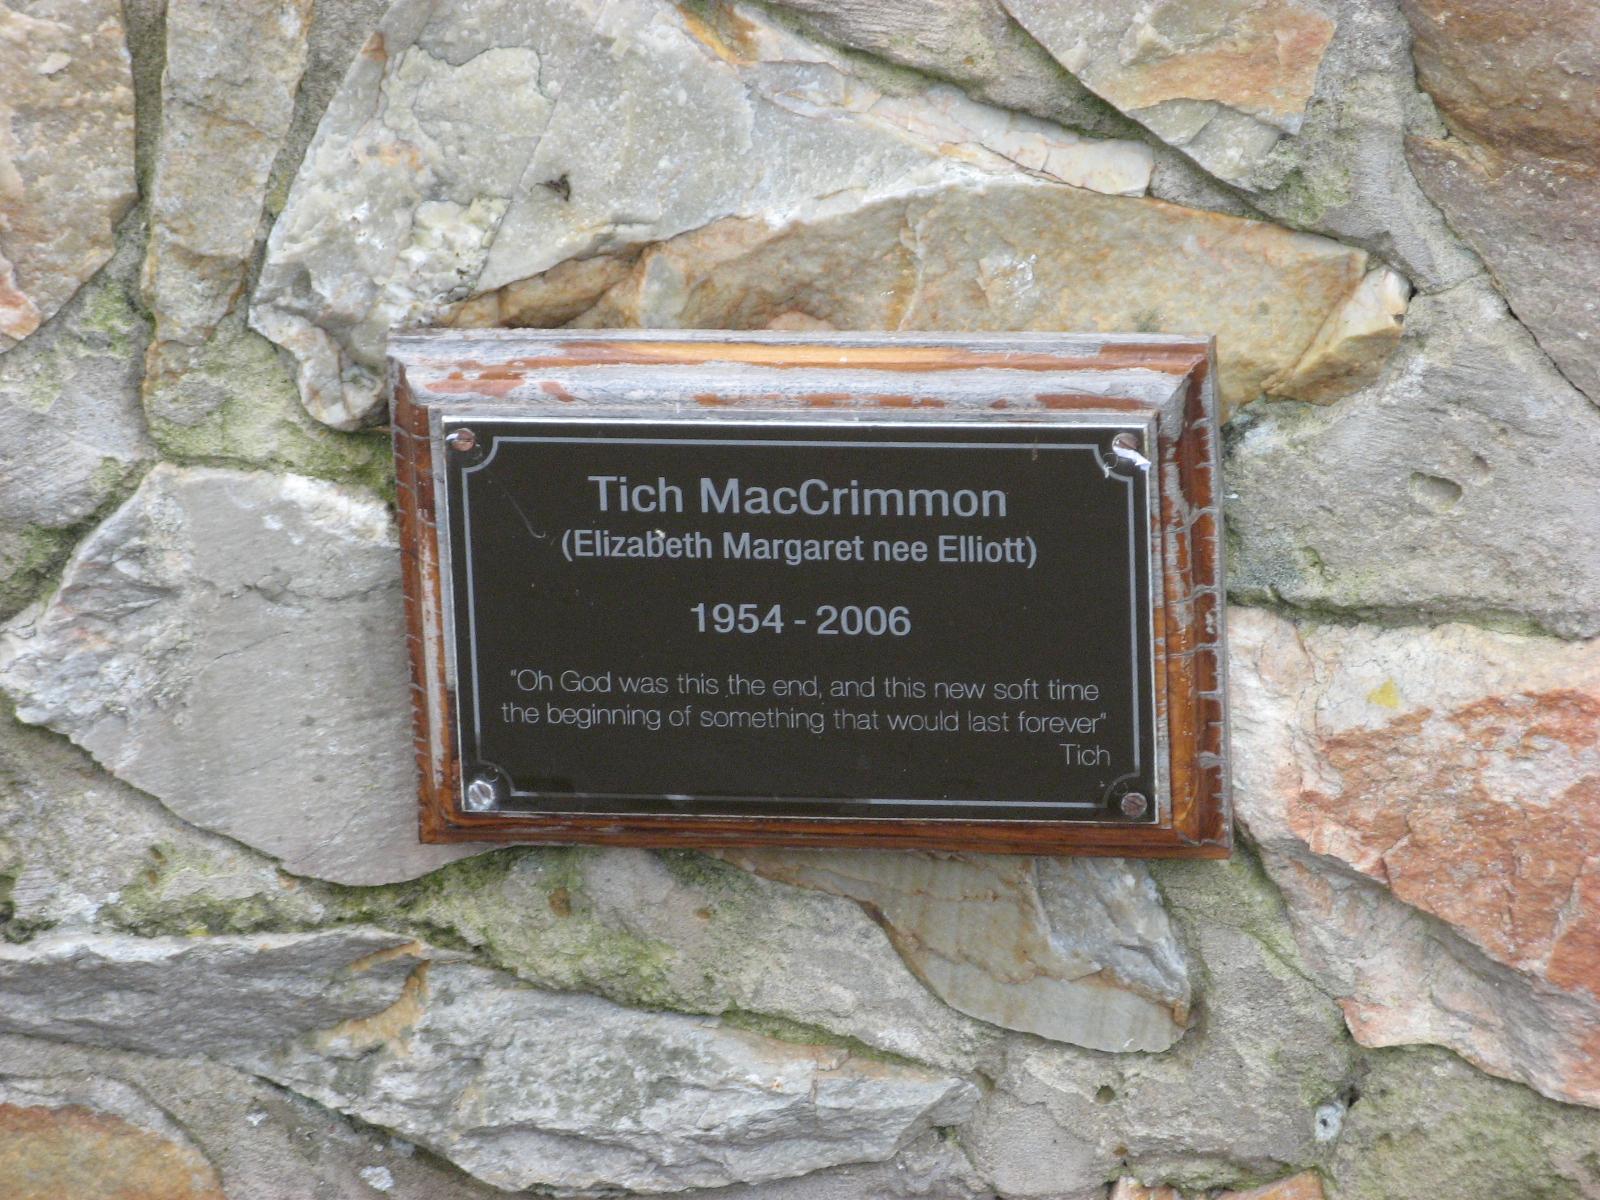 MacCrimmon, Elizabeth Margaret (Tich)